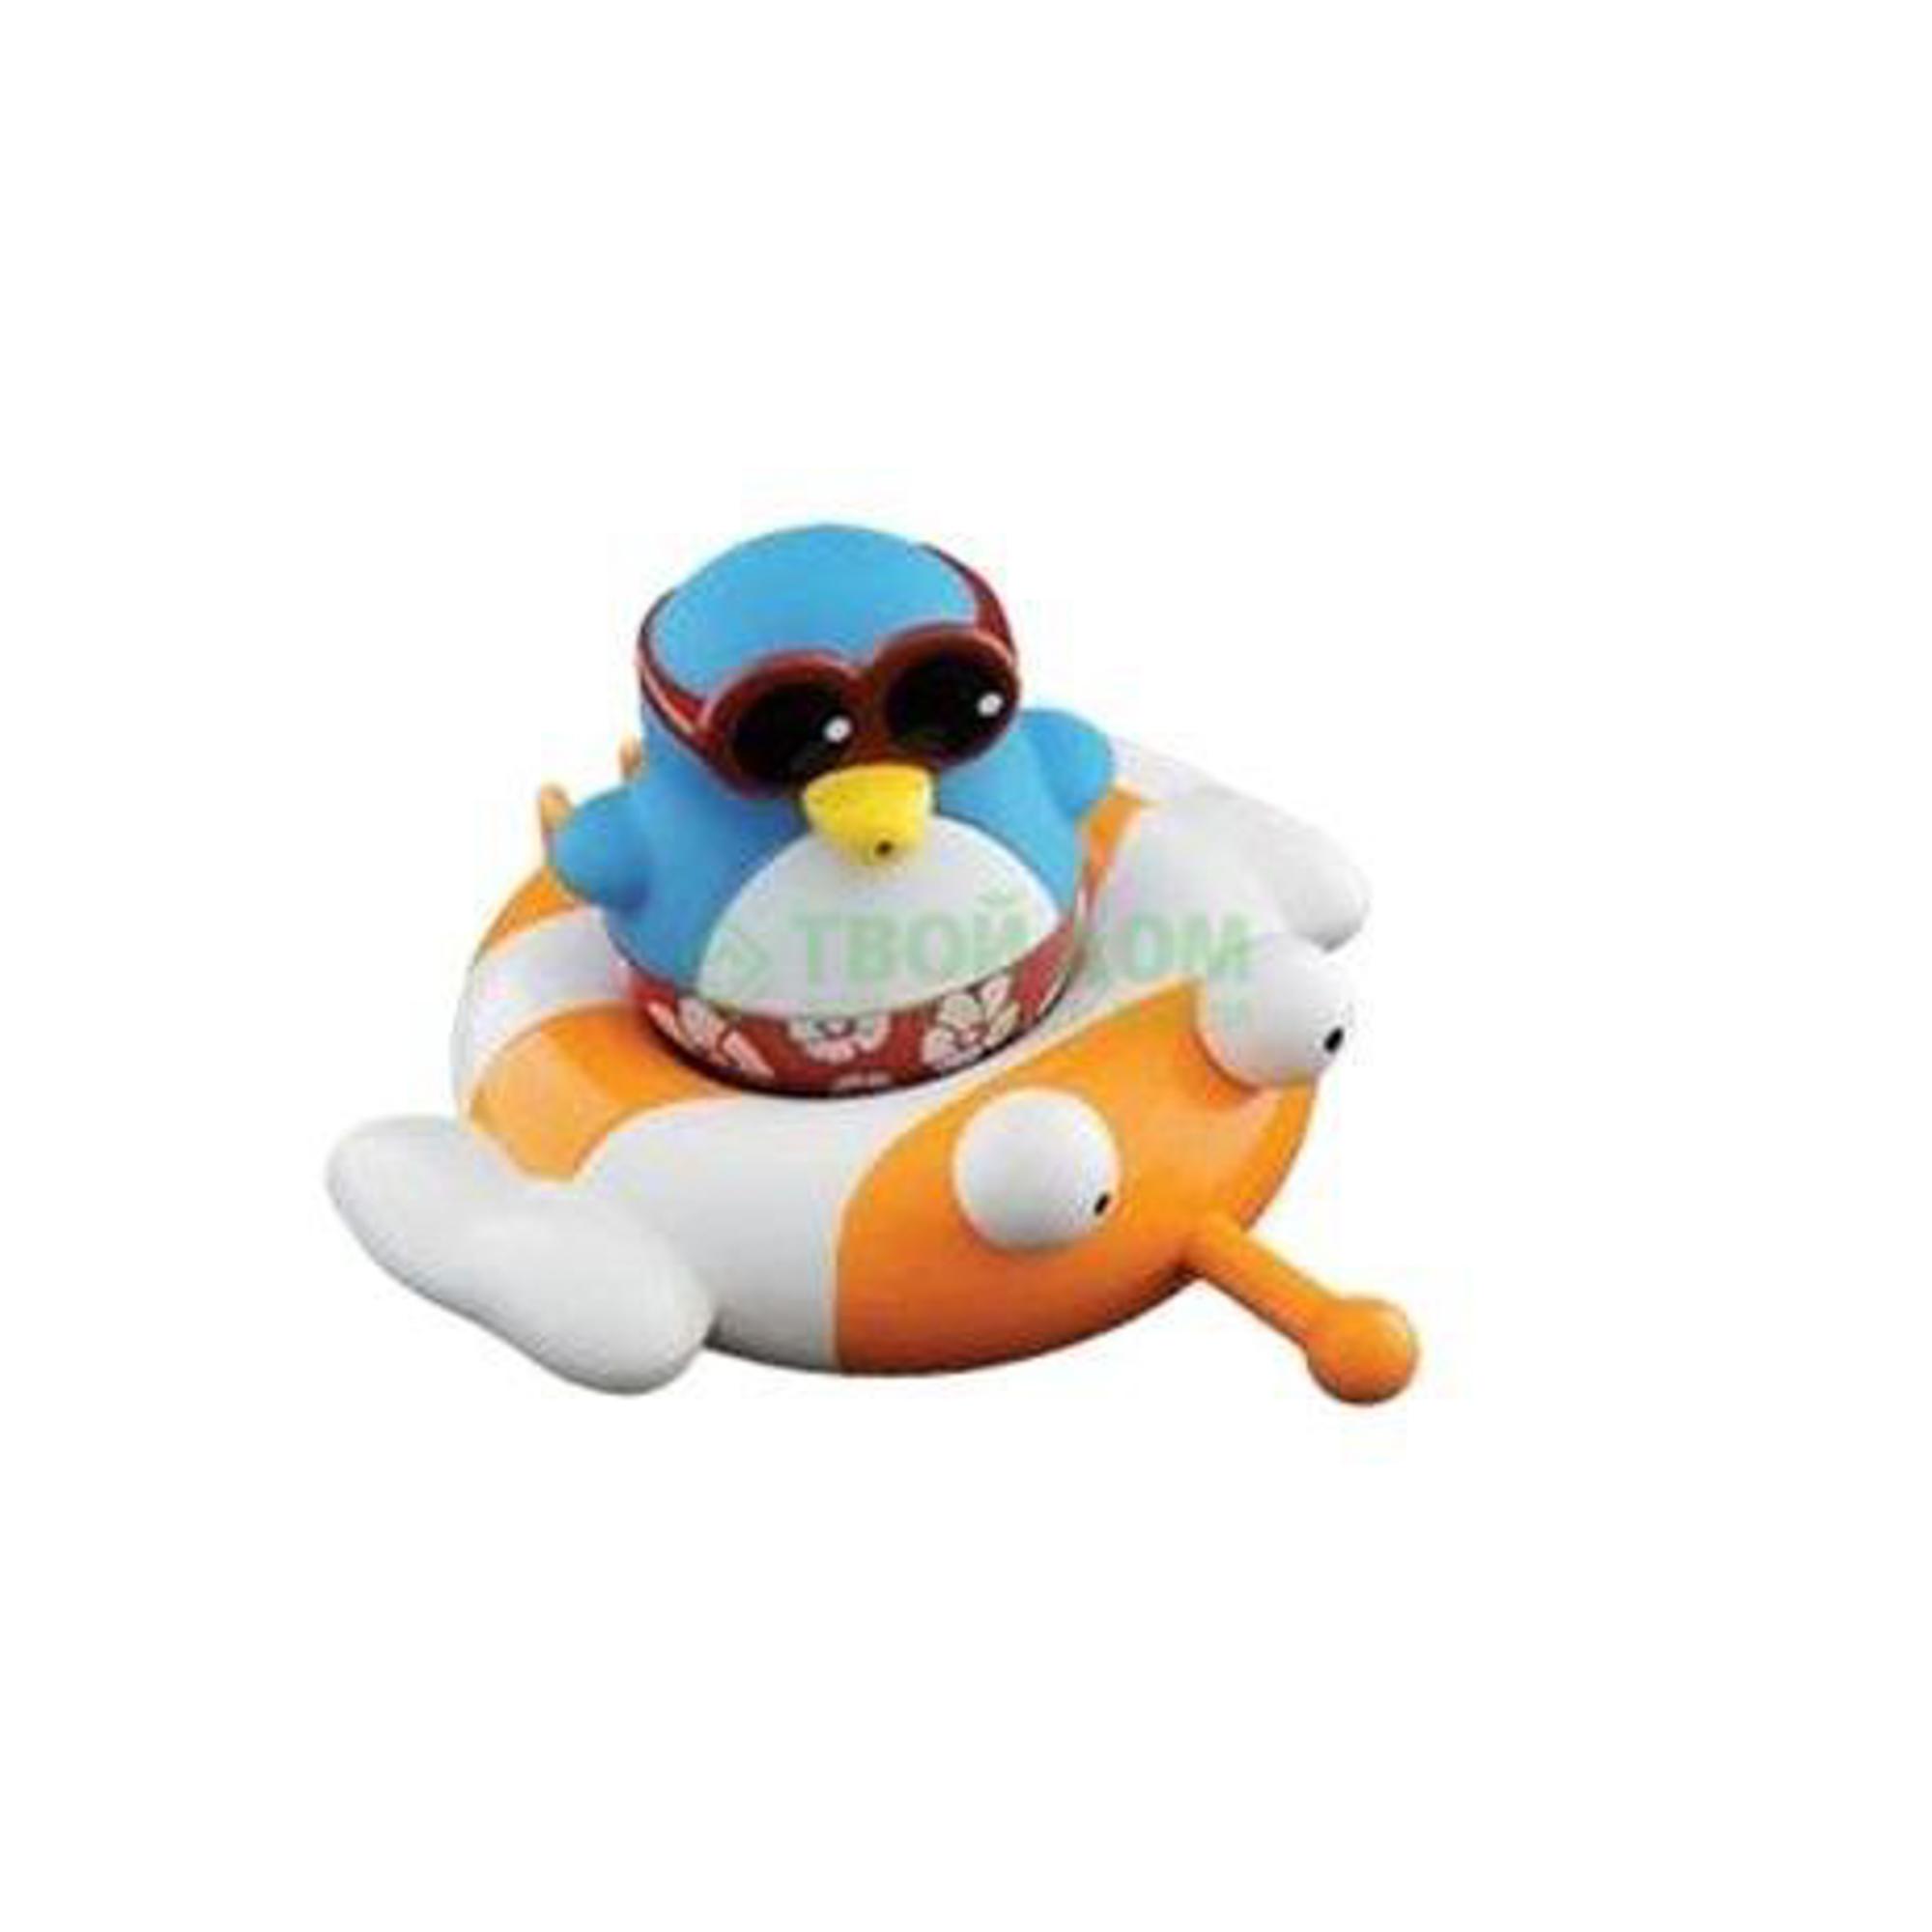 Игрушка для купания Toy target Набор для купания 23147